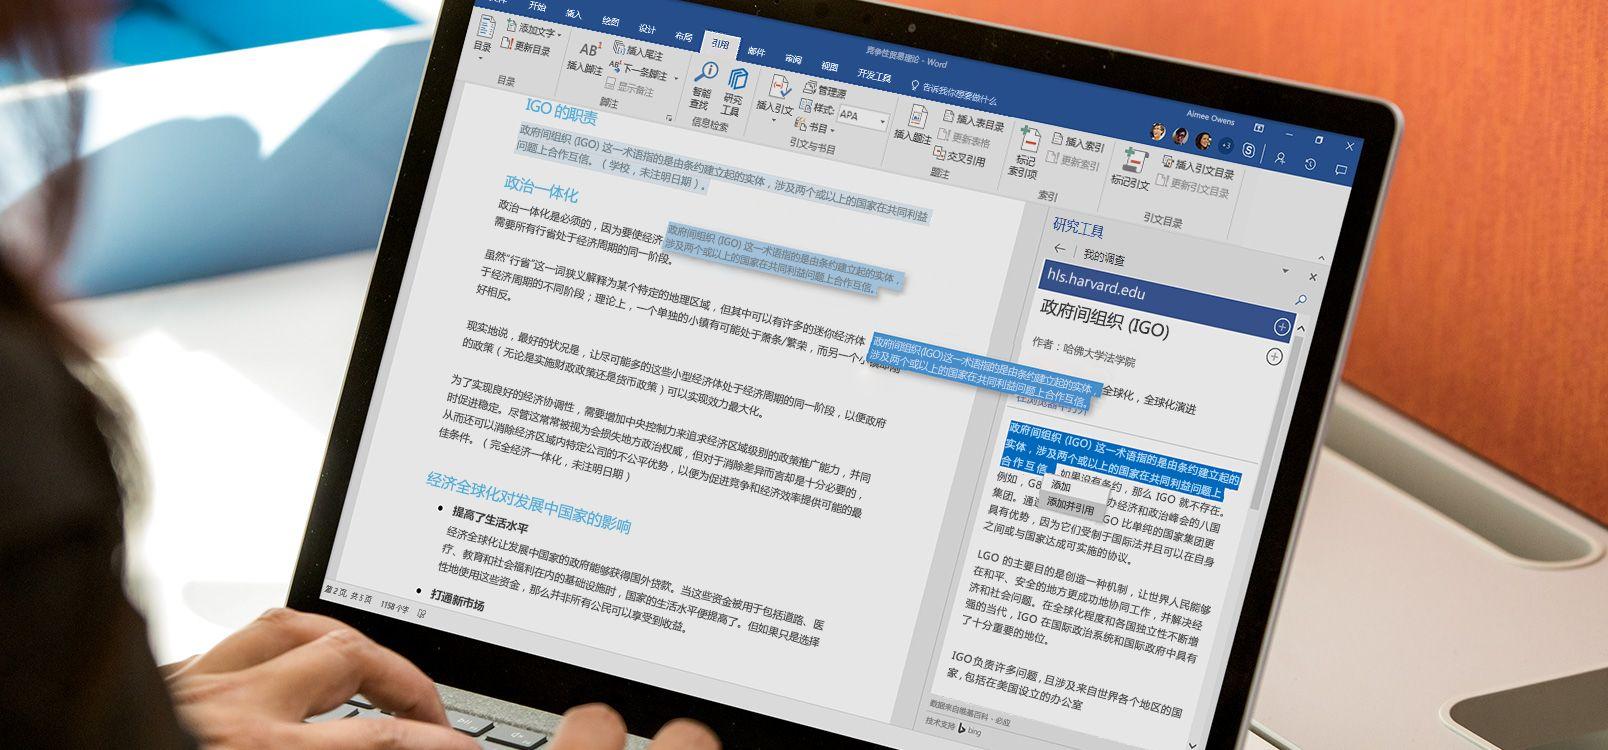 """平板电脑屏幕,显示使用""""研究工具""""功能的 Word 文档"""